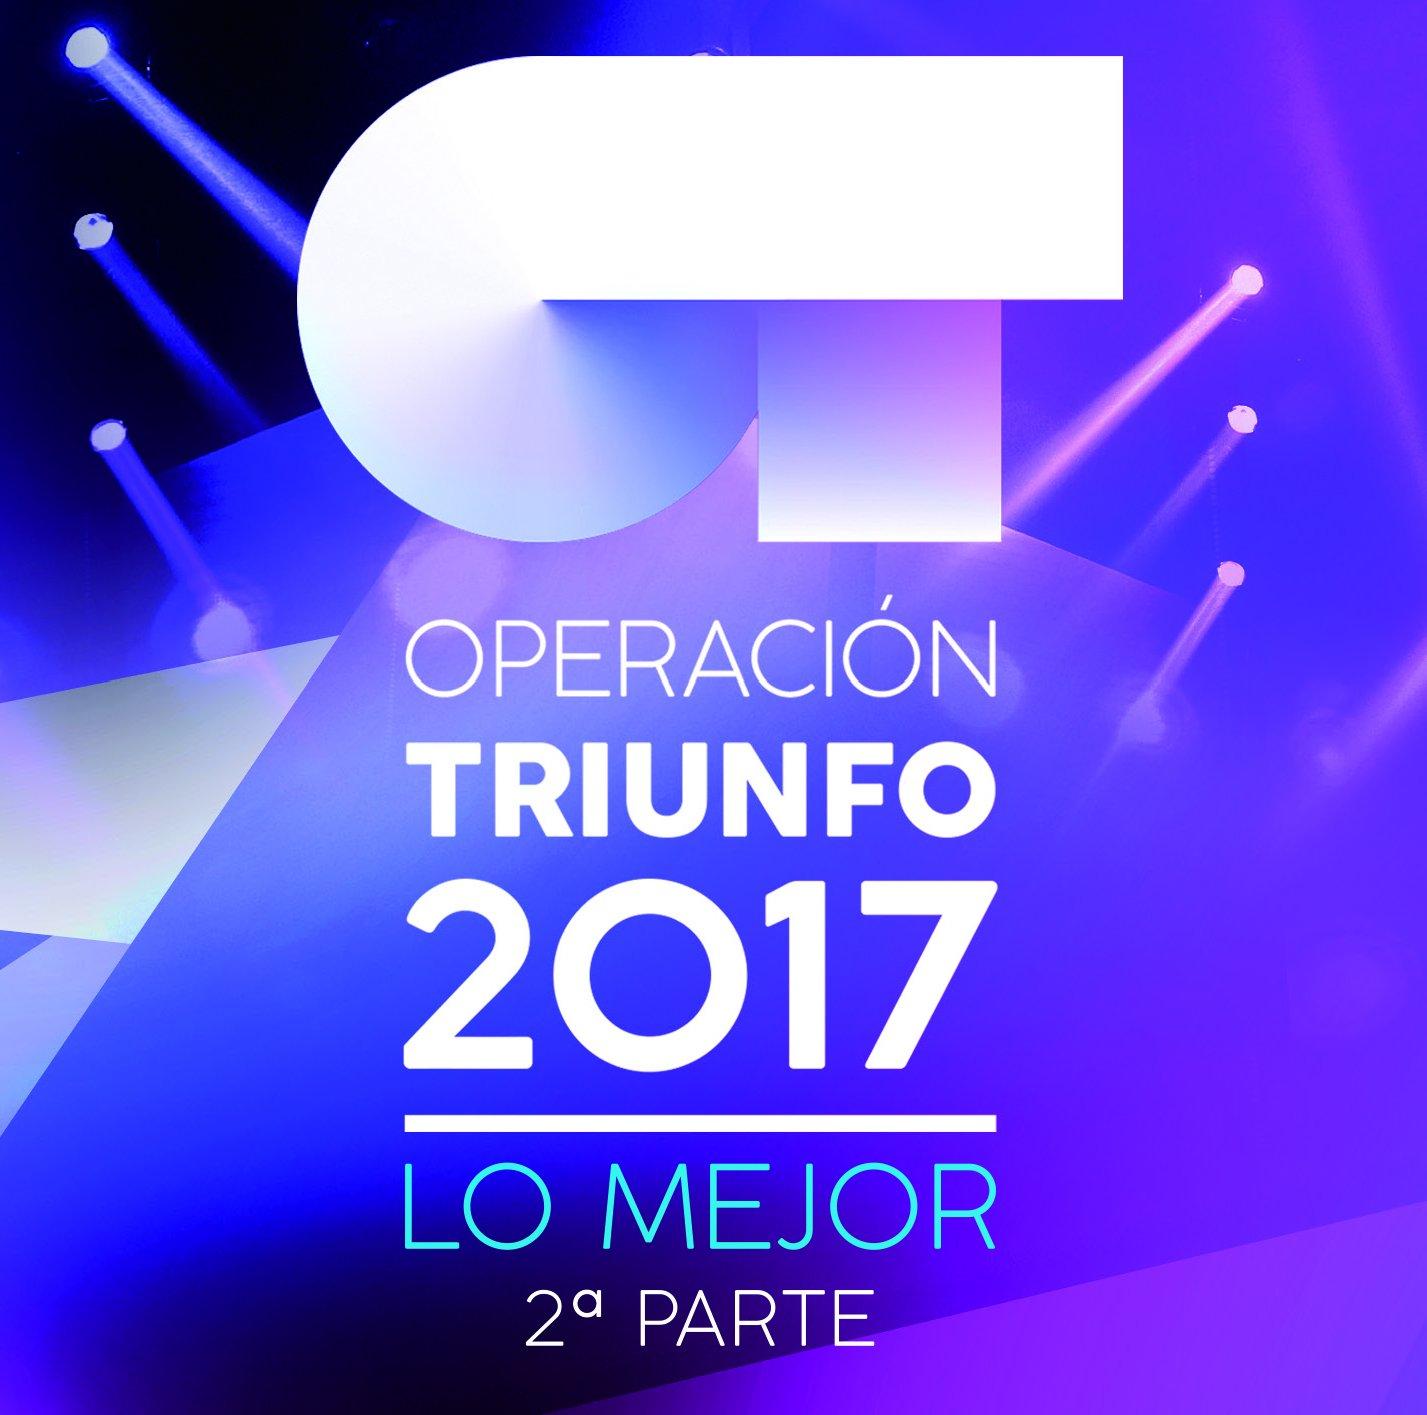 Lo Mejor - Segunda Parte: Operación Triunfo 2017, Operación Triunfo 2017: Amazon.es: Música